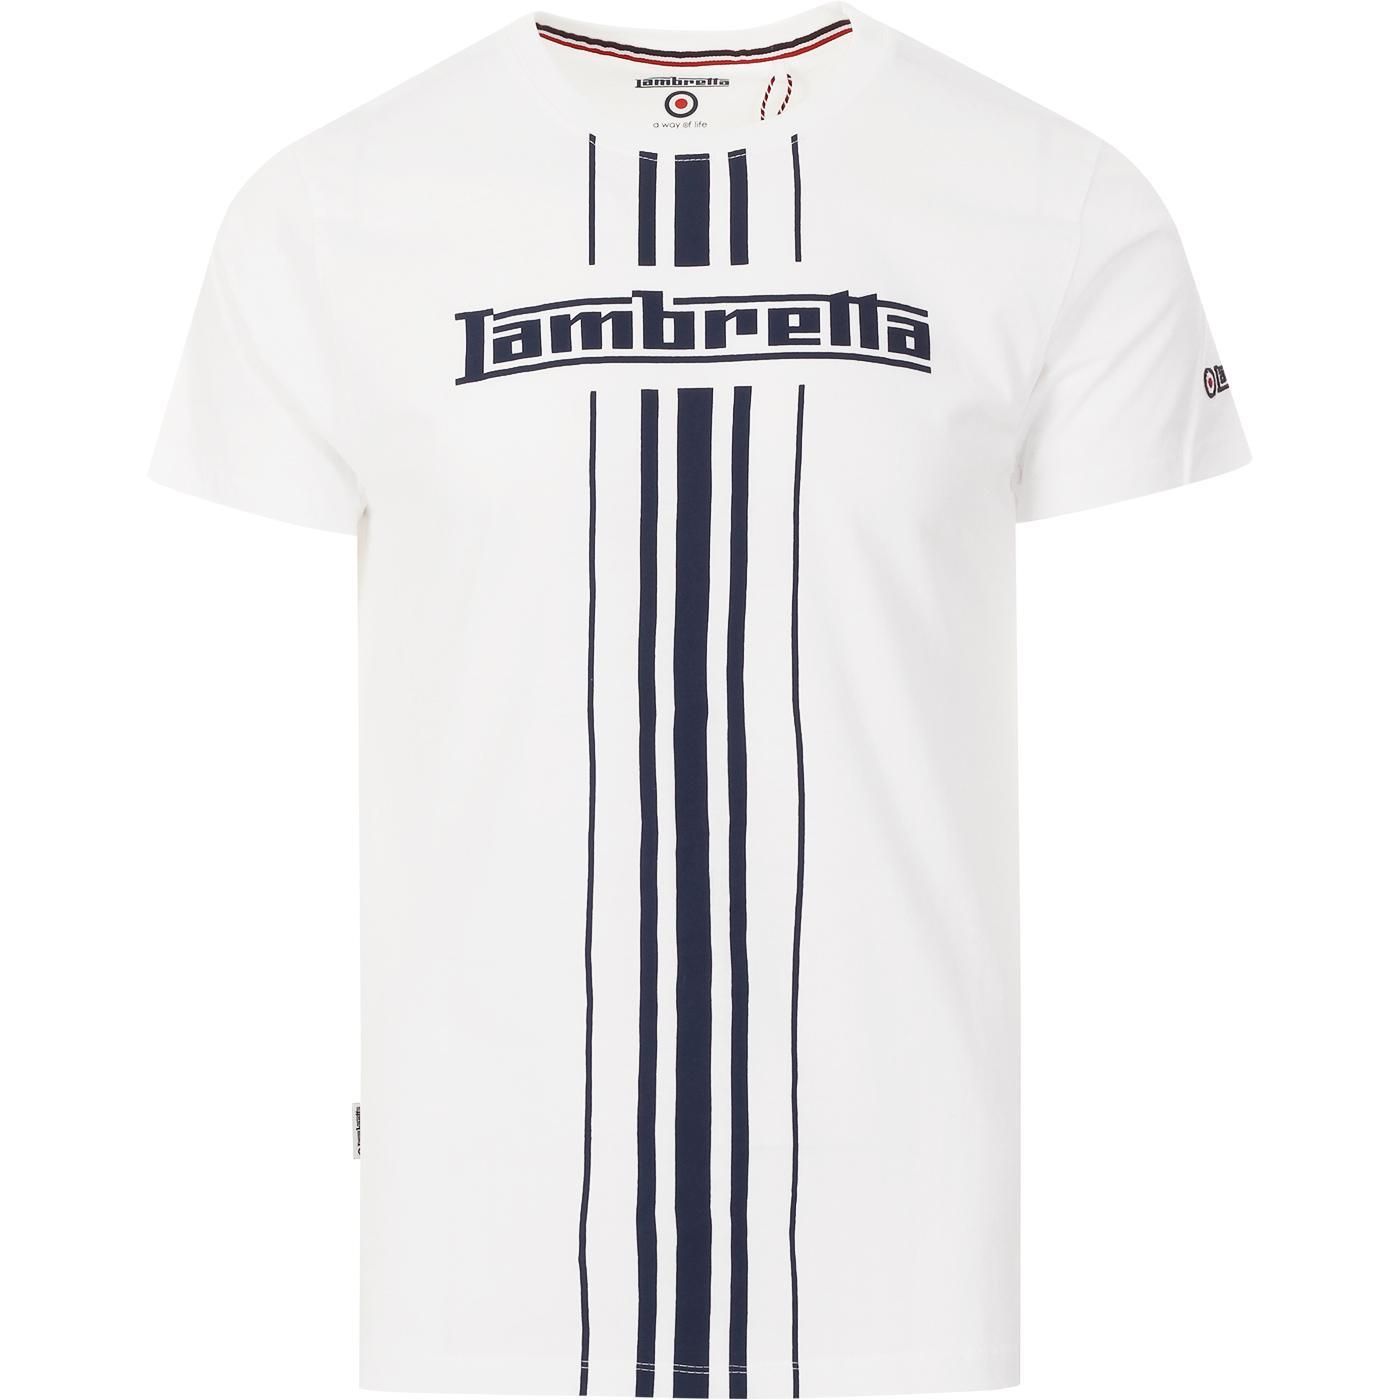 LAMBRETTA Retro Mod Centre Stripe T-shirt (White)